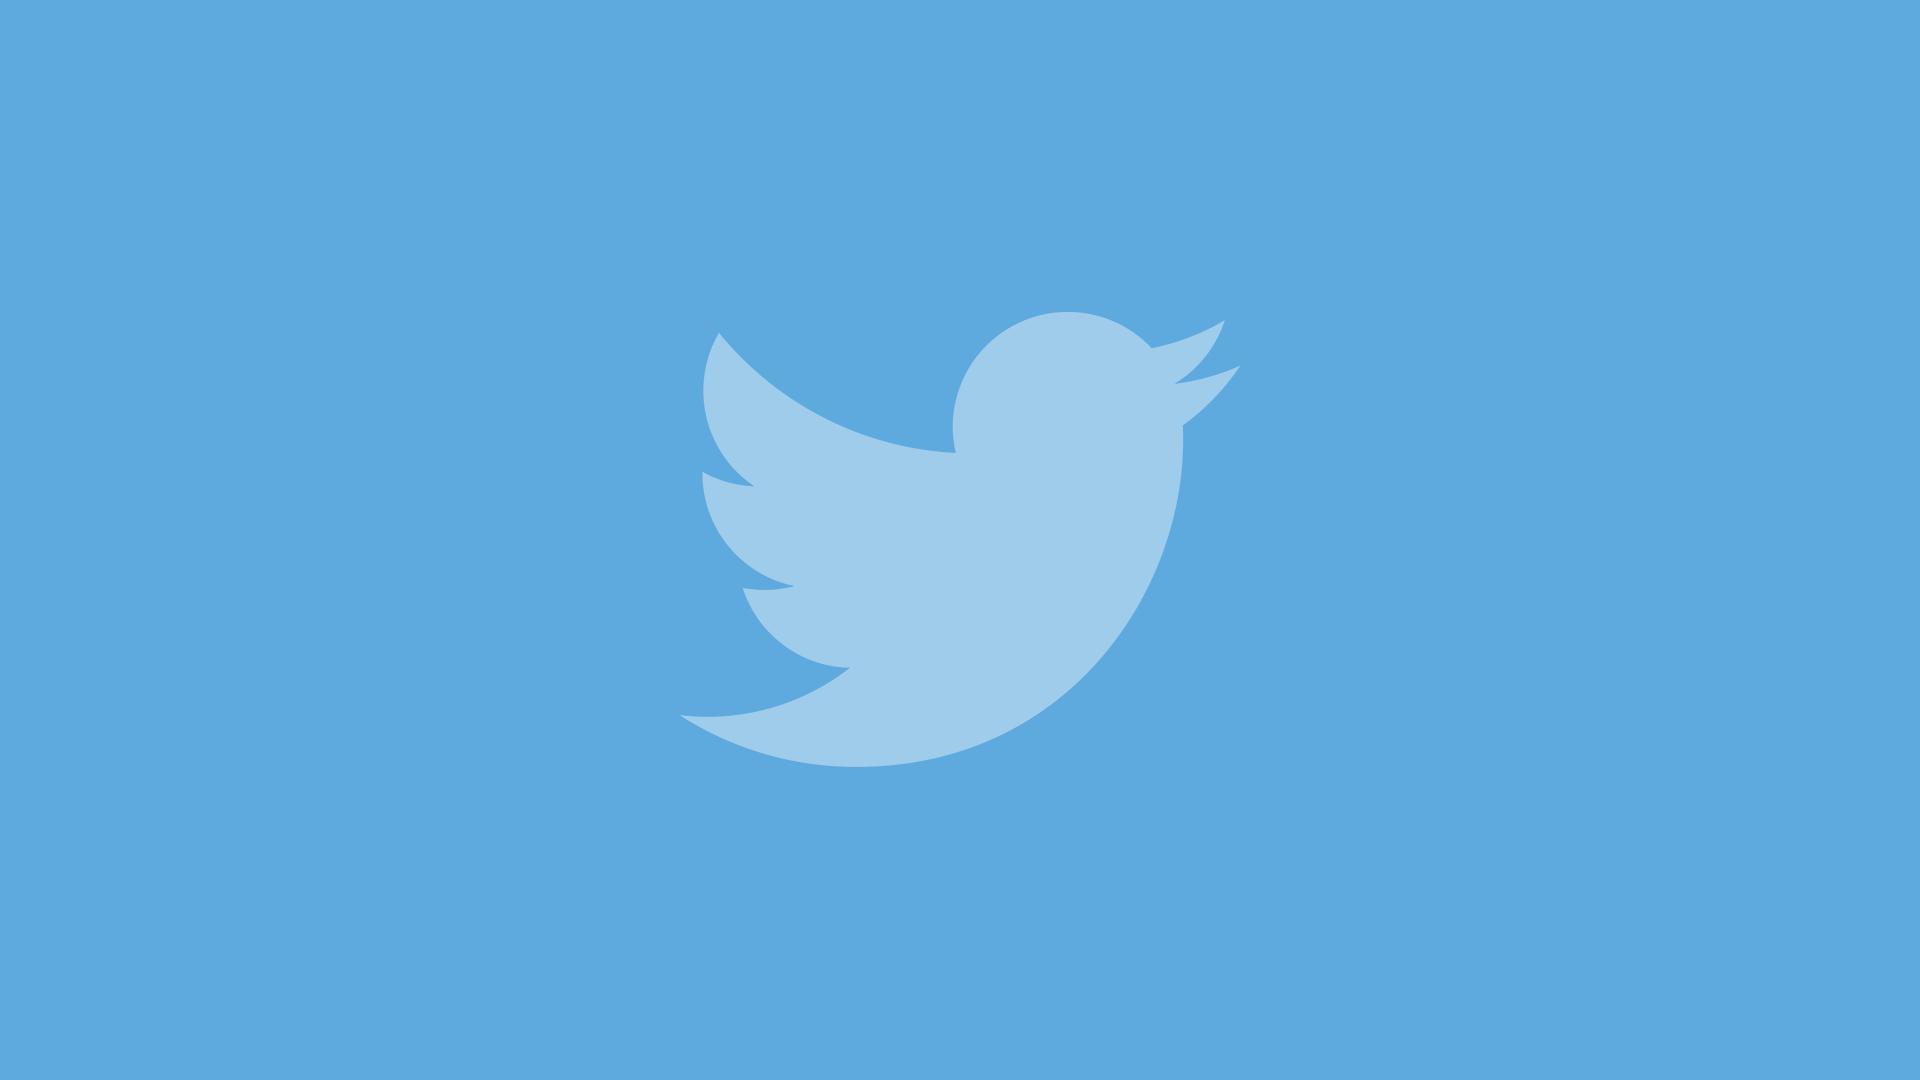 توییتر 280 کاراکتری شد ؛ زبانهای چینی و ژاپنی 140 کاراکتری ماندند